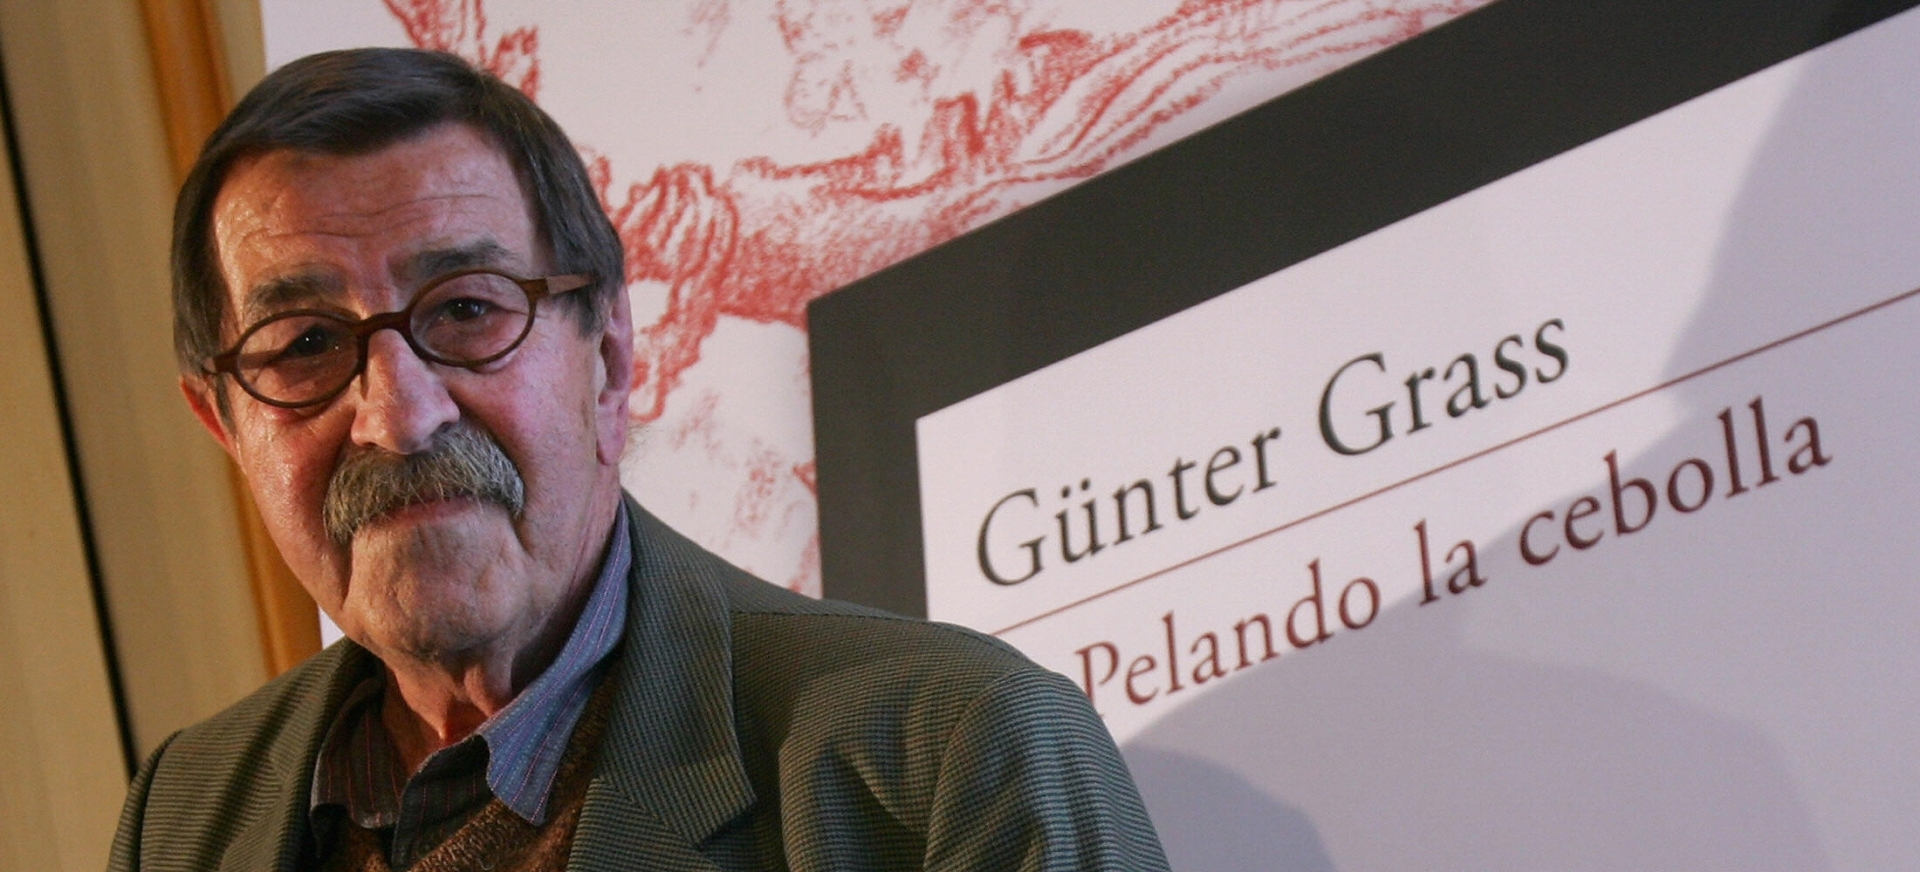 Günter Grass y su libro autobiográfico. (Foto tomada de mascultura.mx).